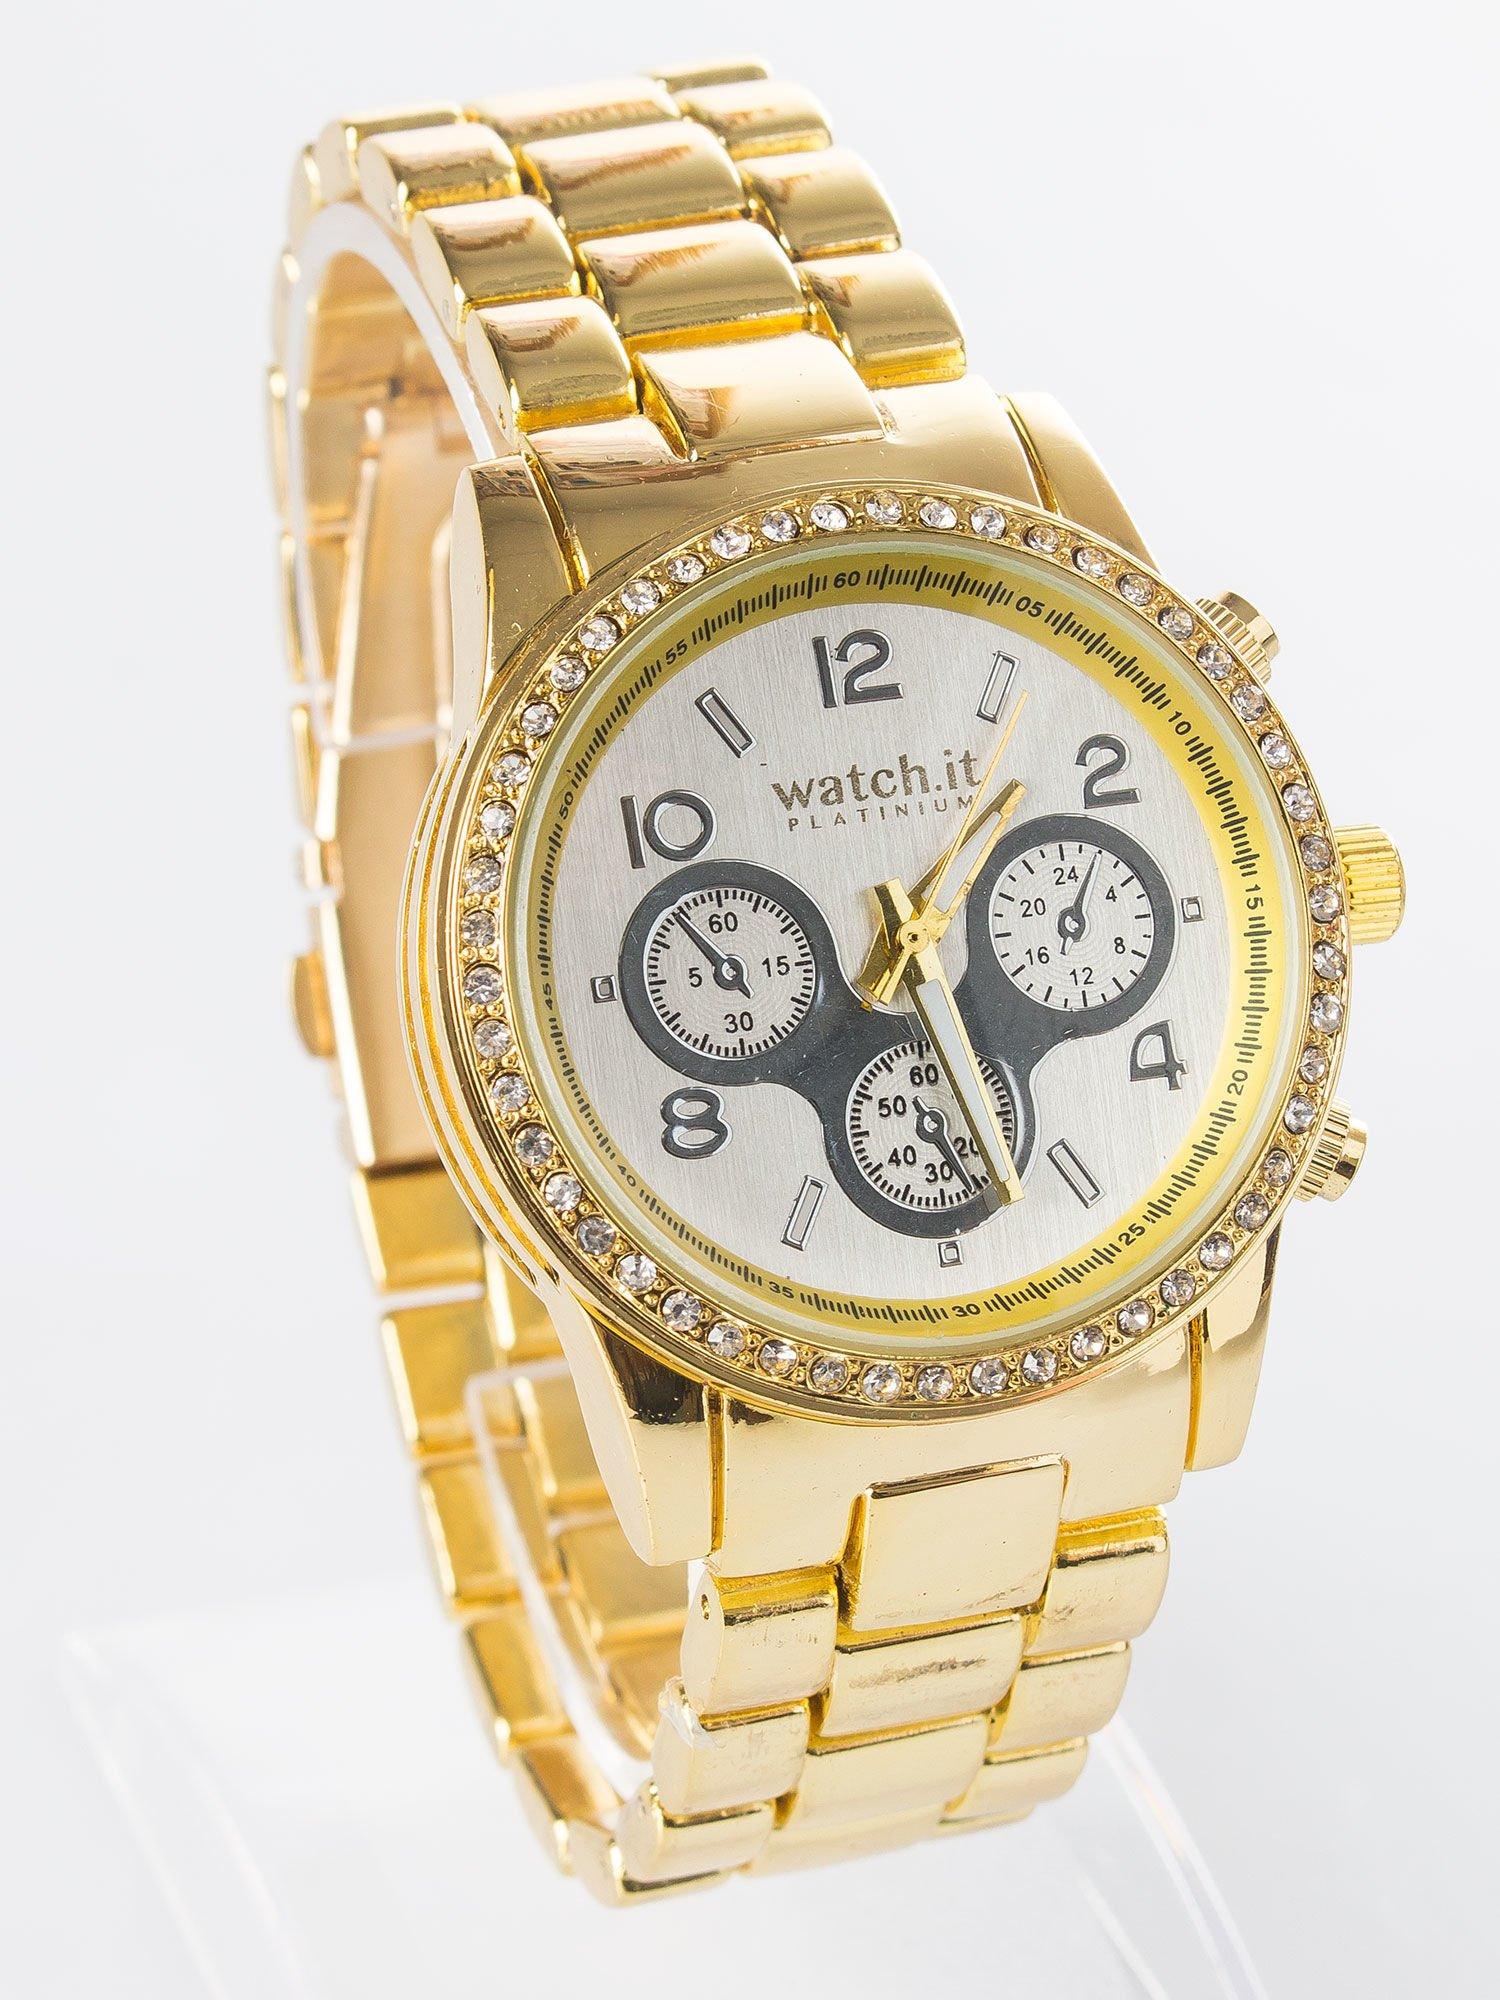 9f5694659ad912 Złoty zegarek na bransolecie z cyrkoniami i srebrną tarczą - Akcesoria  zegarek - sklep eButik.pl